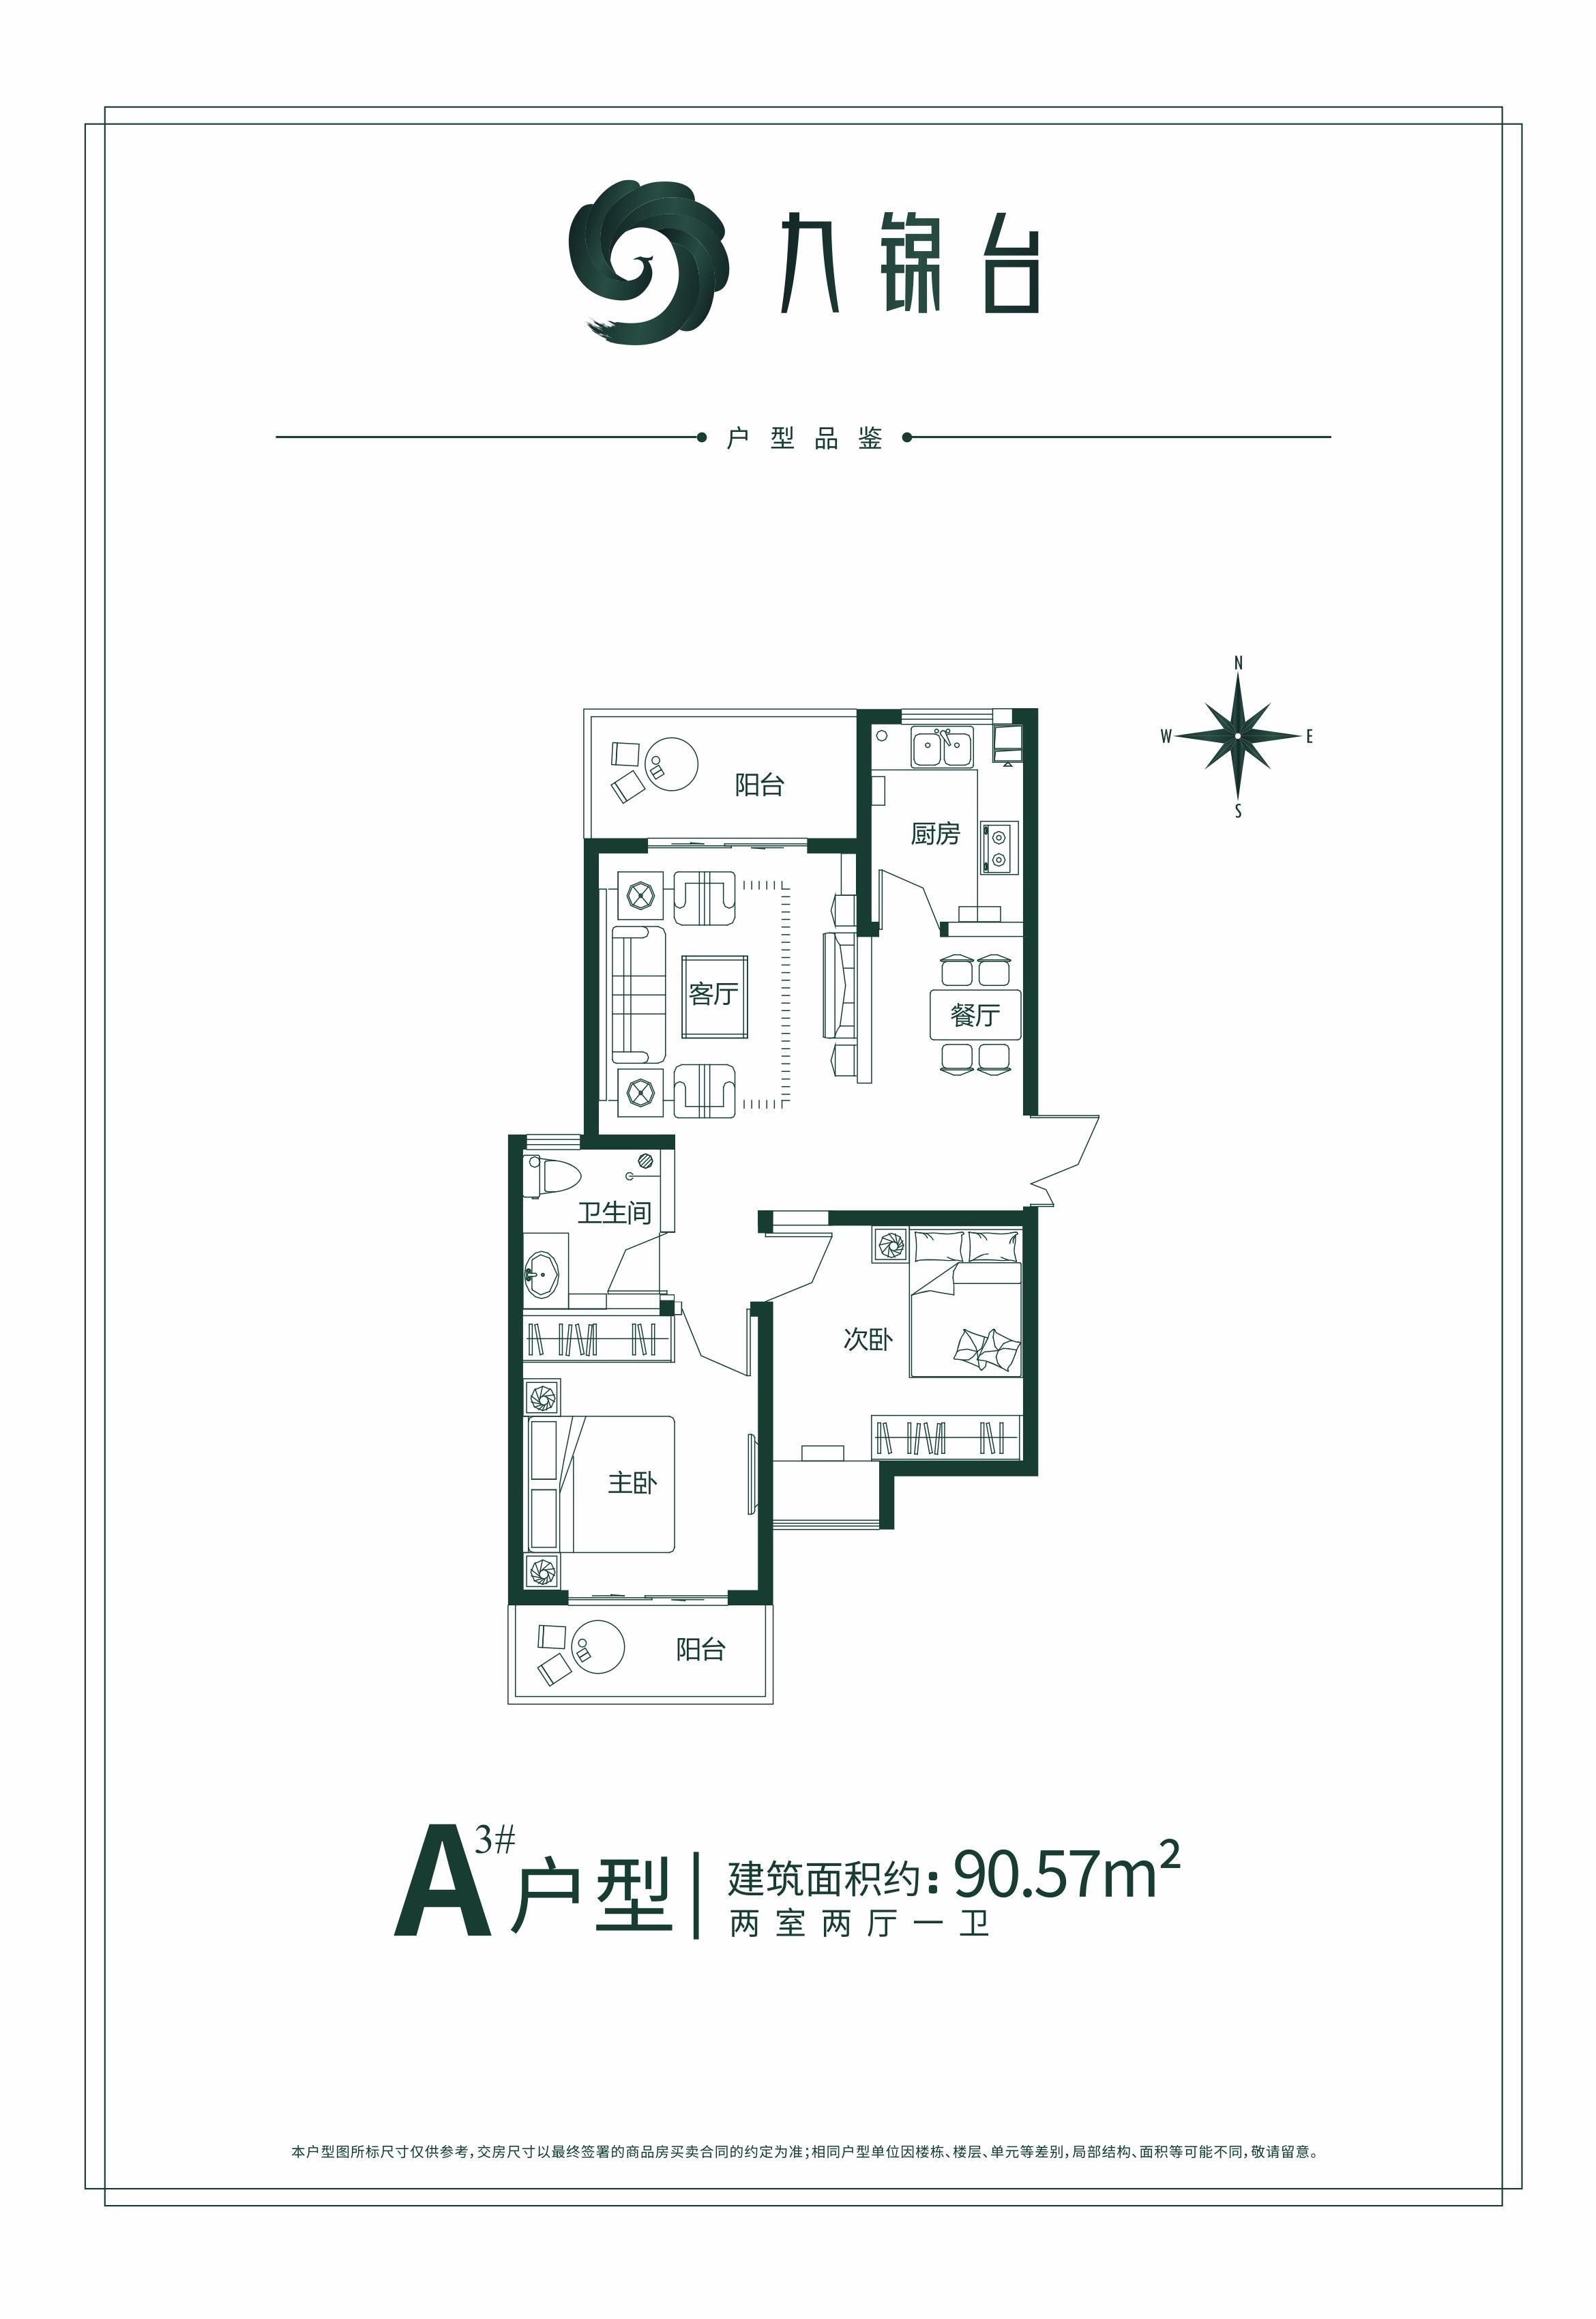 A九锦台B区